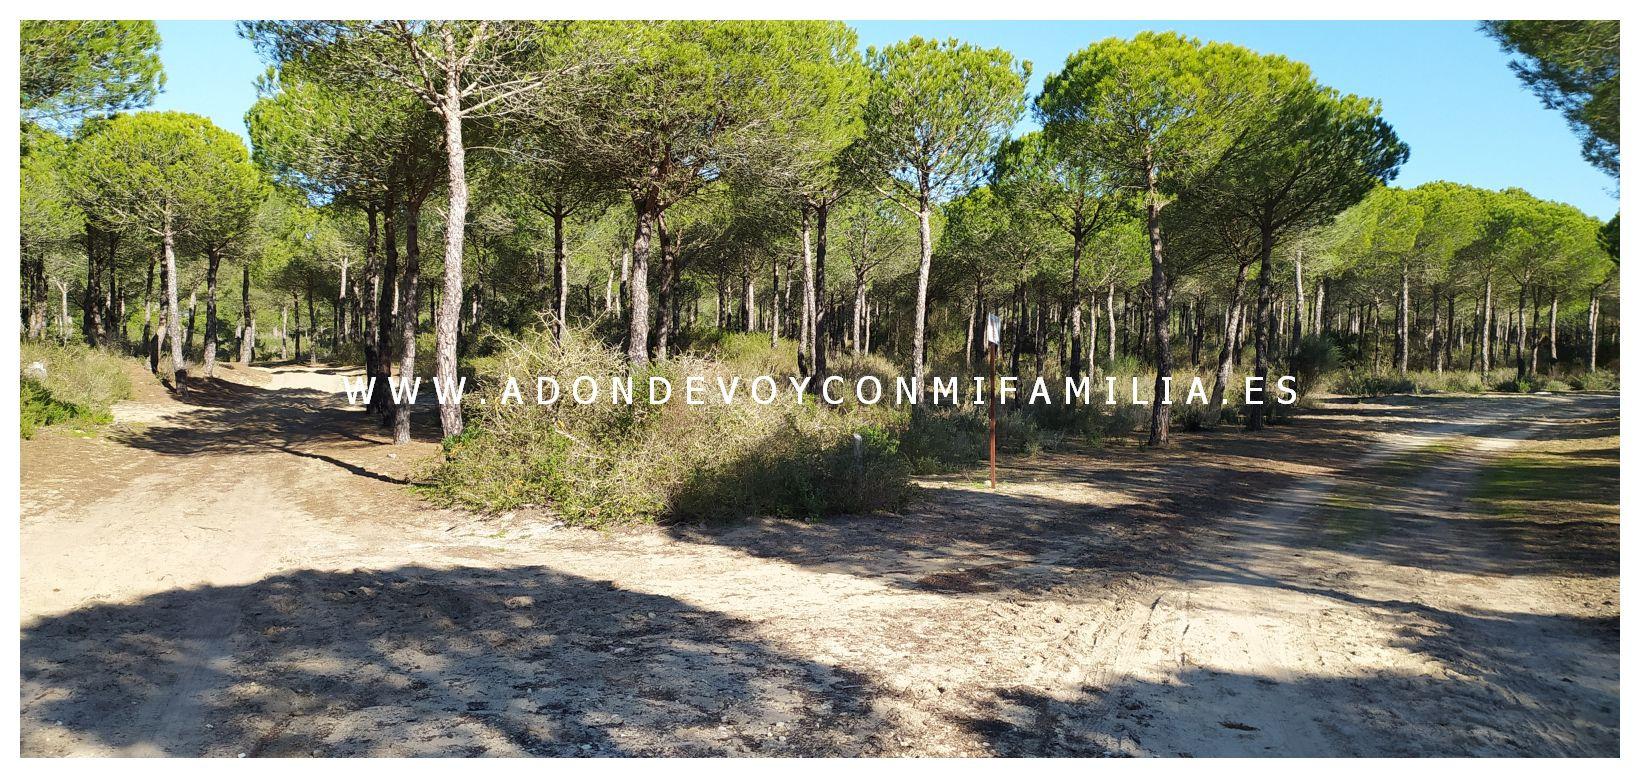 sendero-cerro-del-aguila-pinar-de-la-algaida-sanlucar-adondevoyconmifamilia-11